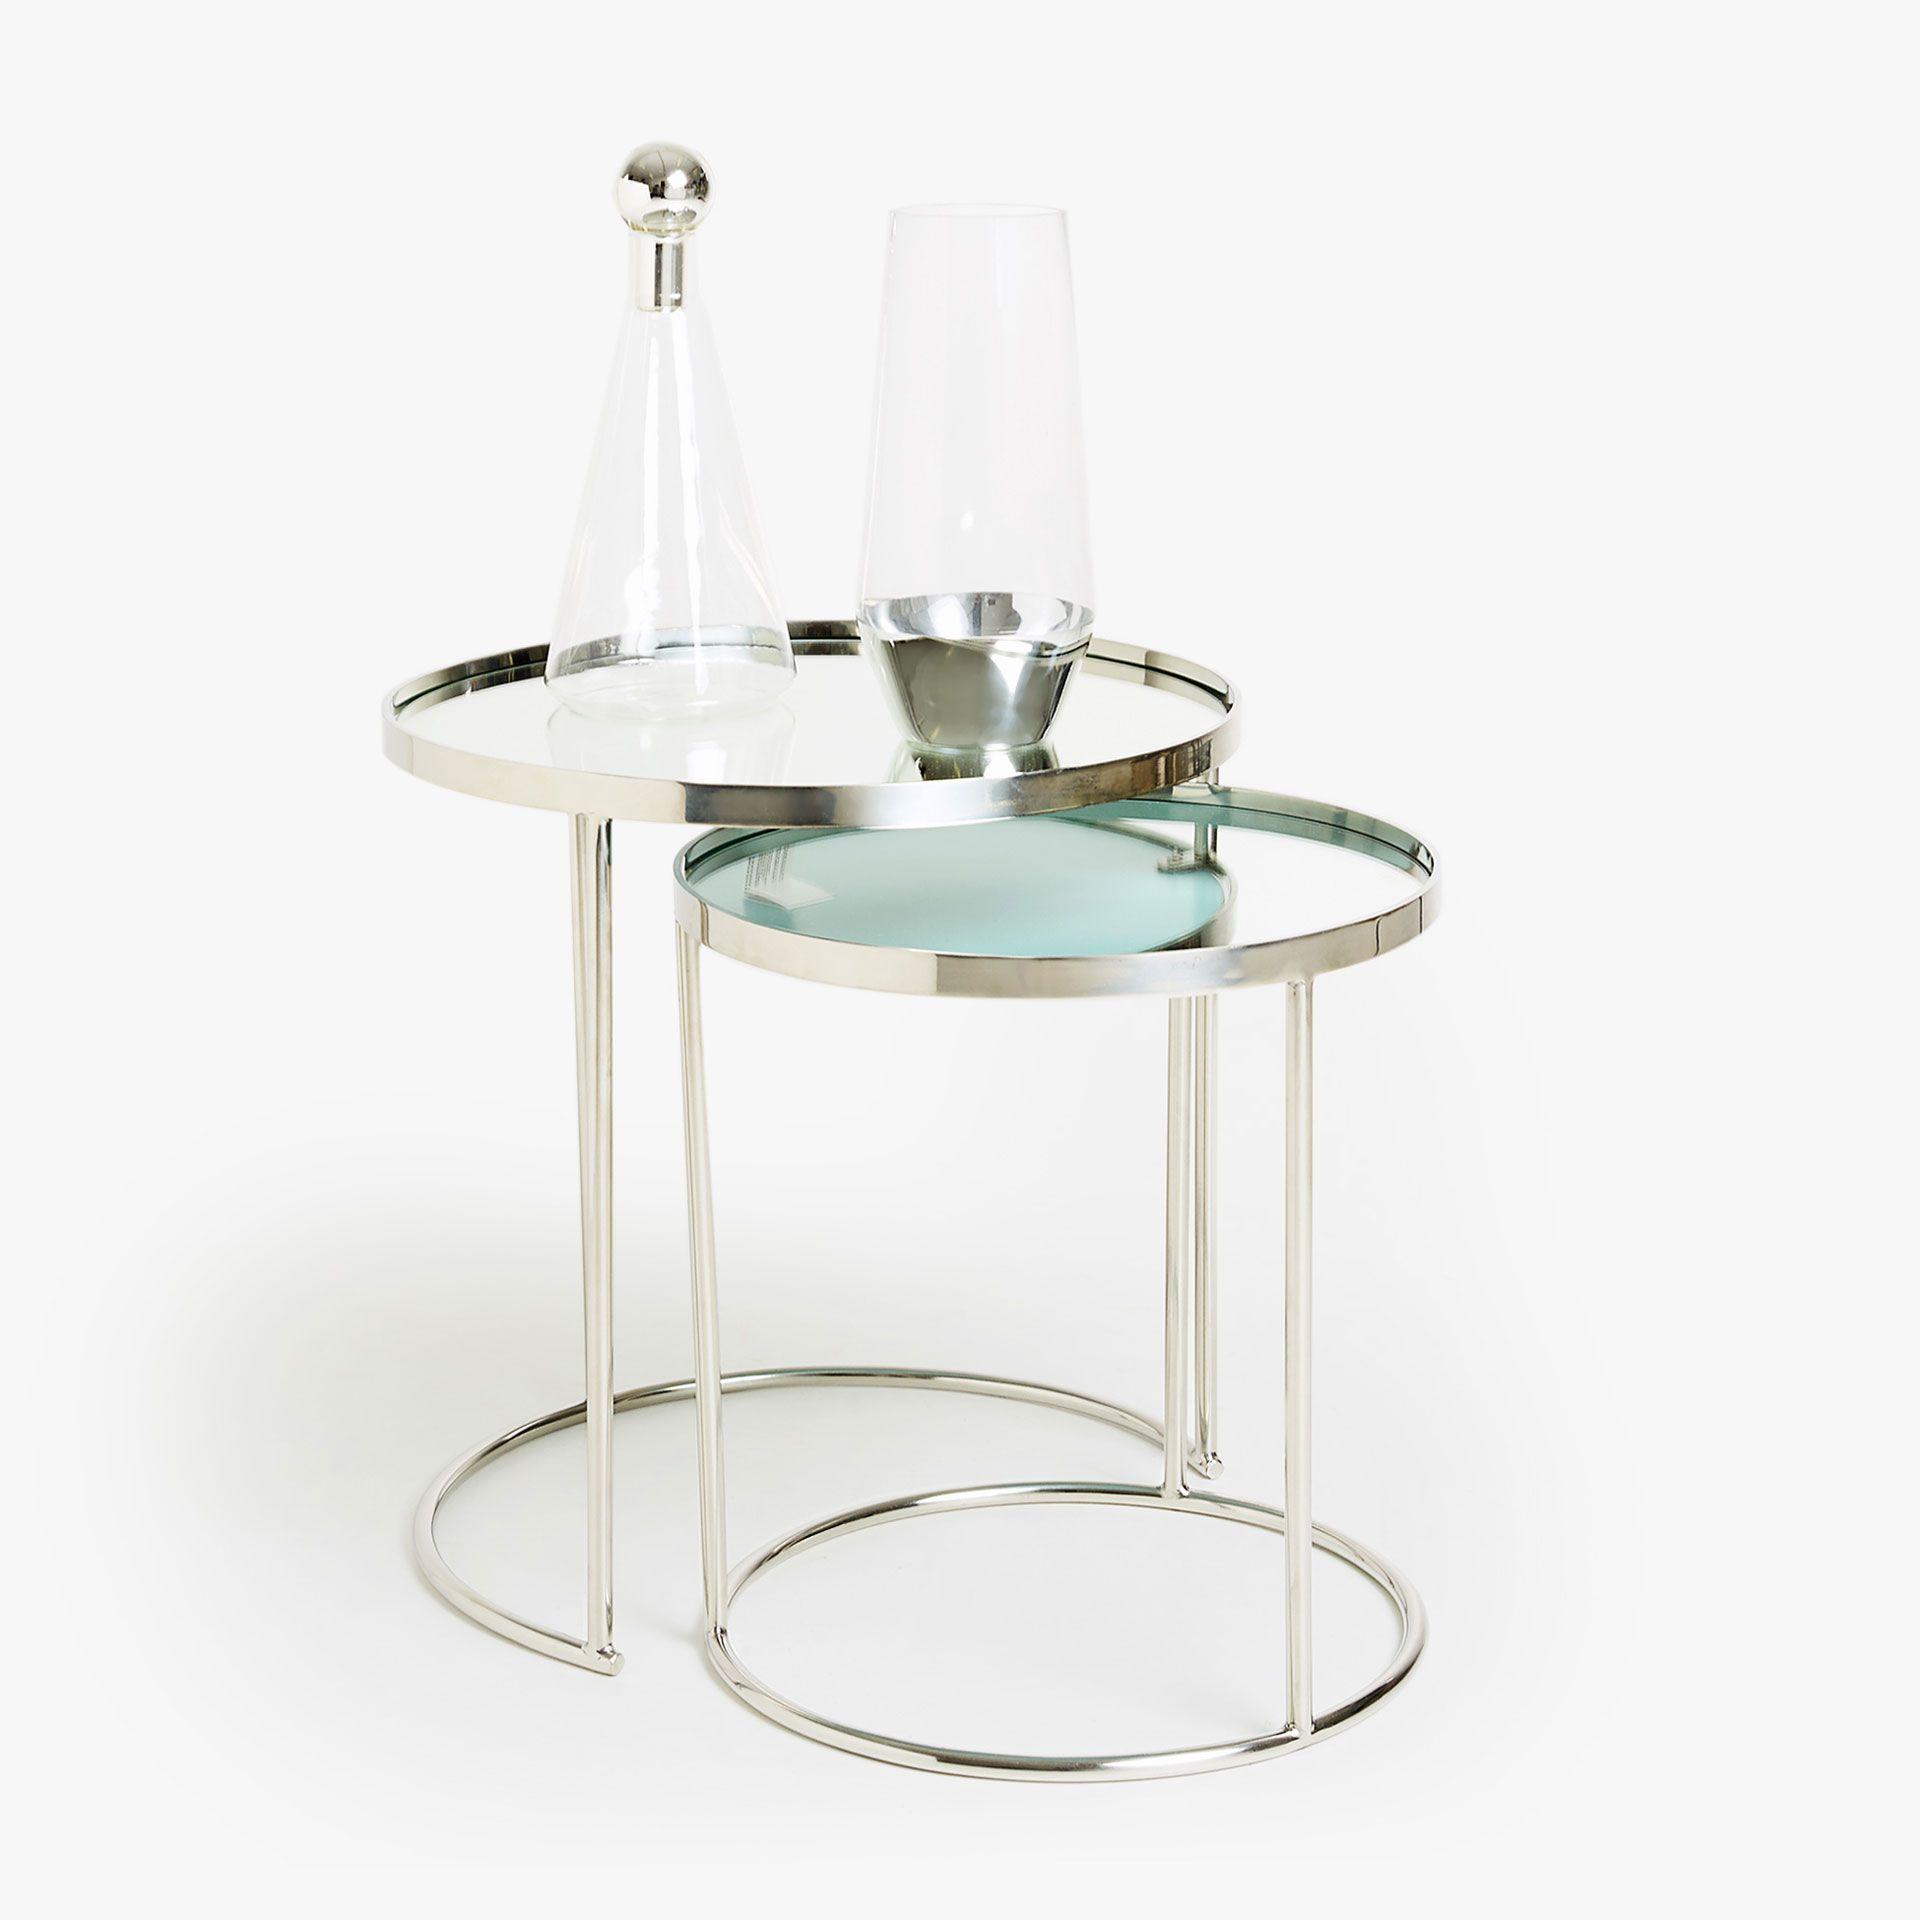 Runde Unterschiebbare Tische 2er Set Mirror Nest Of Tables Coffee Table Table